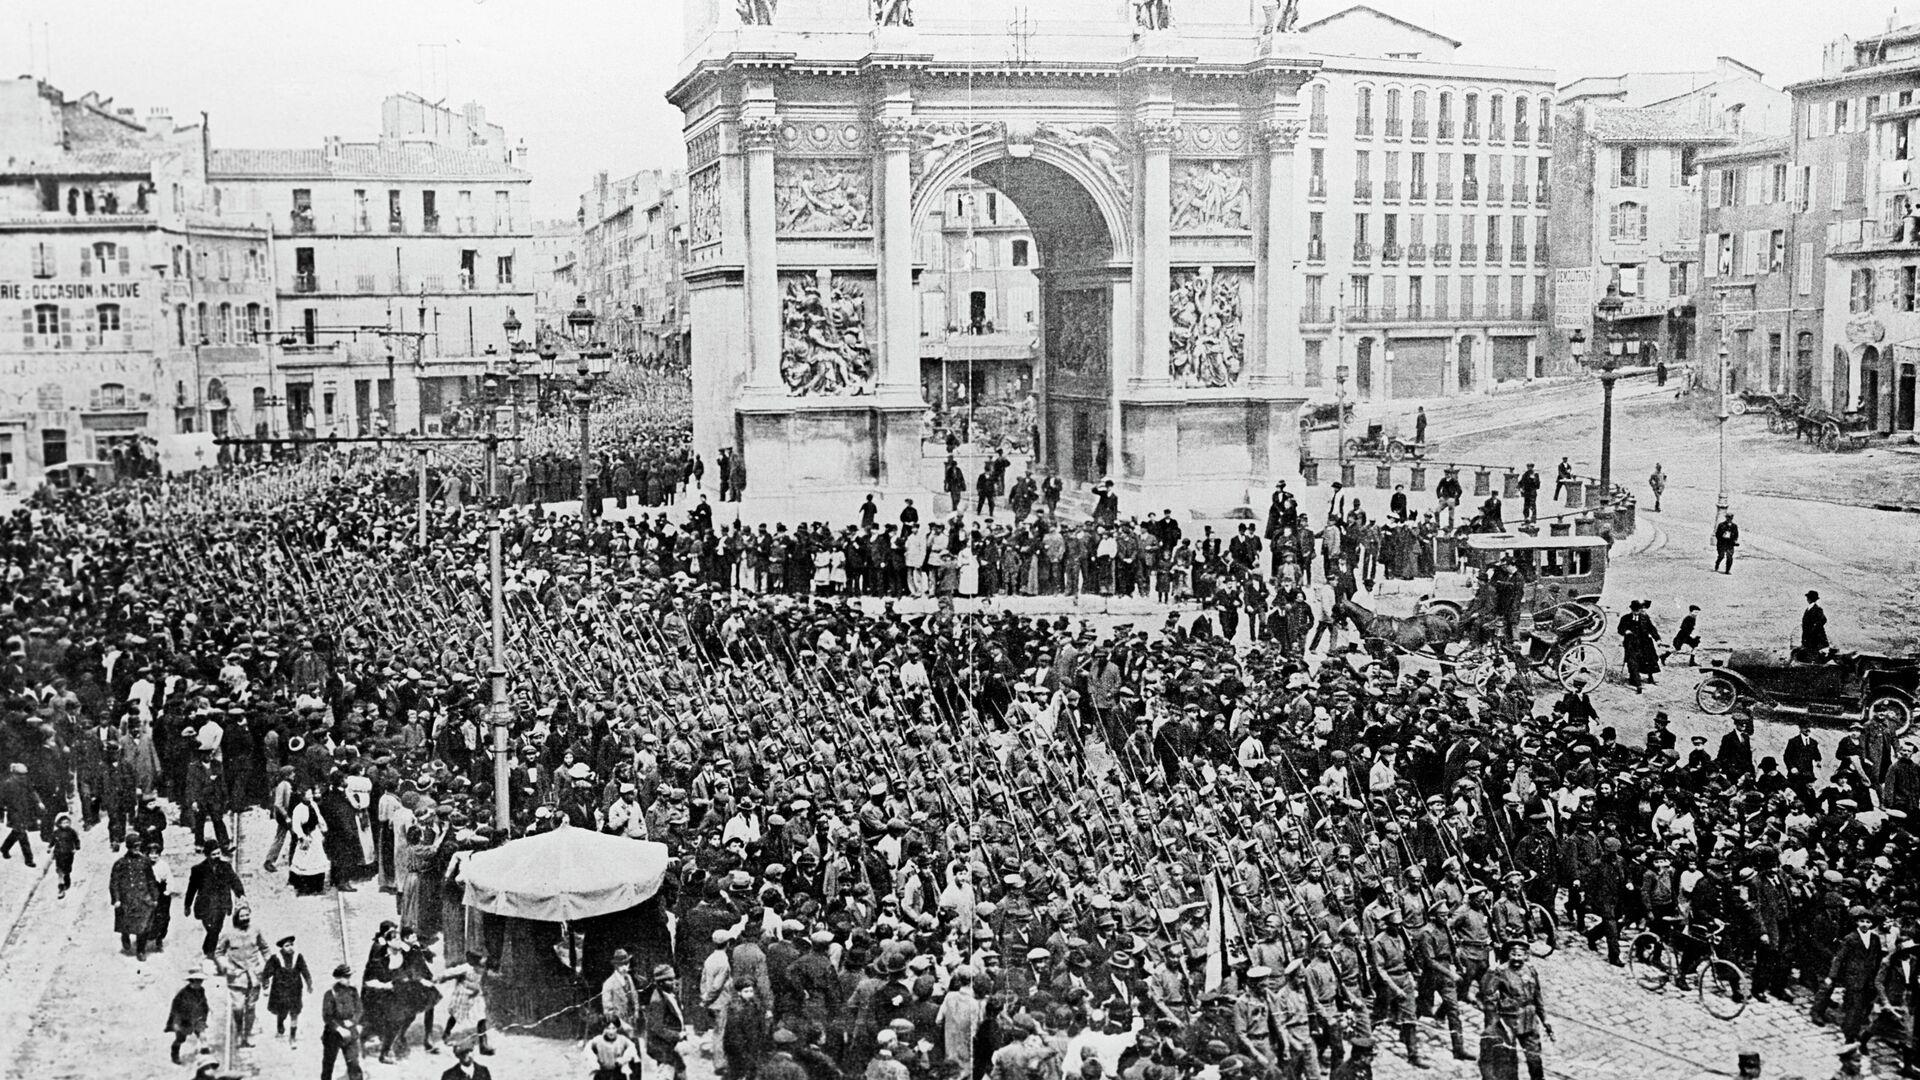 Русские солдаты во Франции в 1916 году - РИА Новости, 1920, 11.11.2020